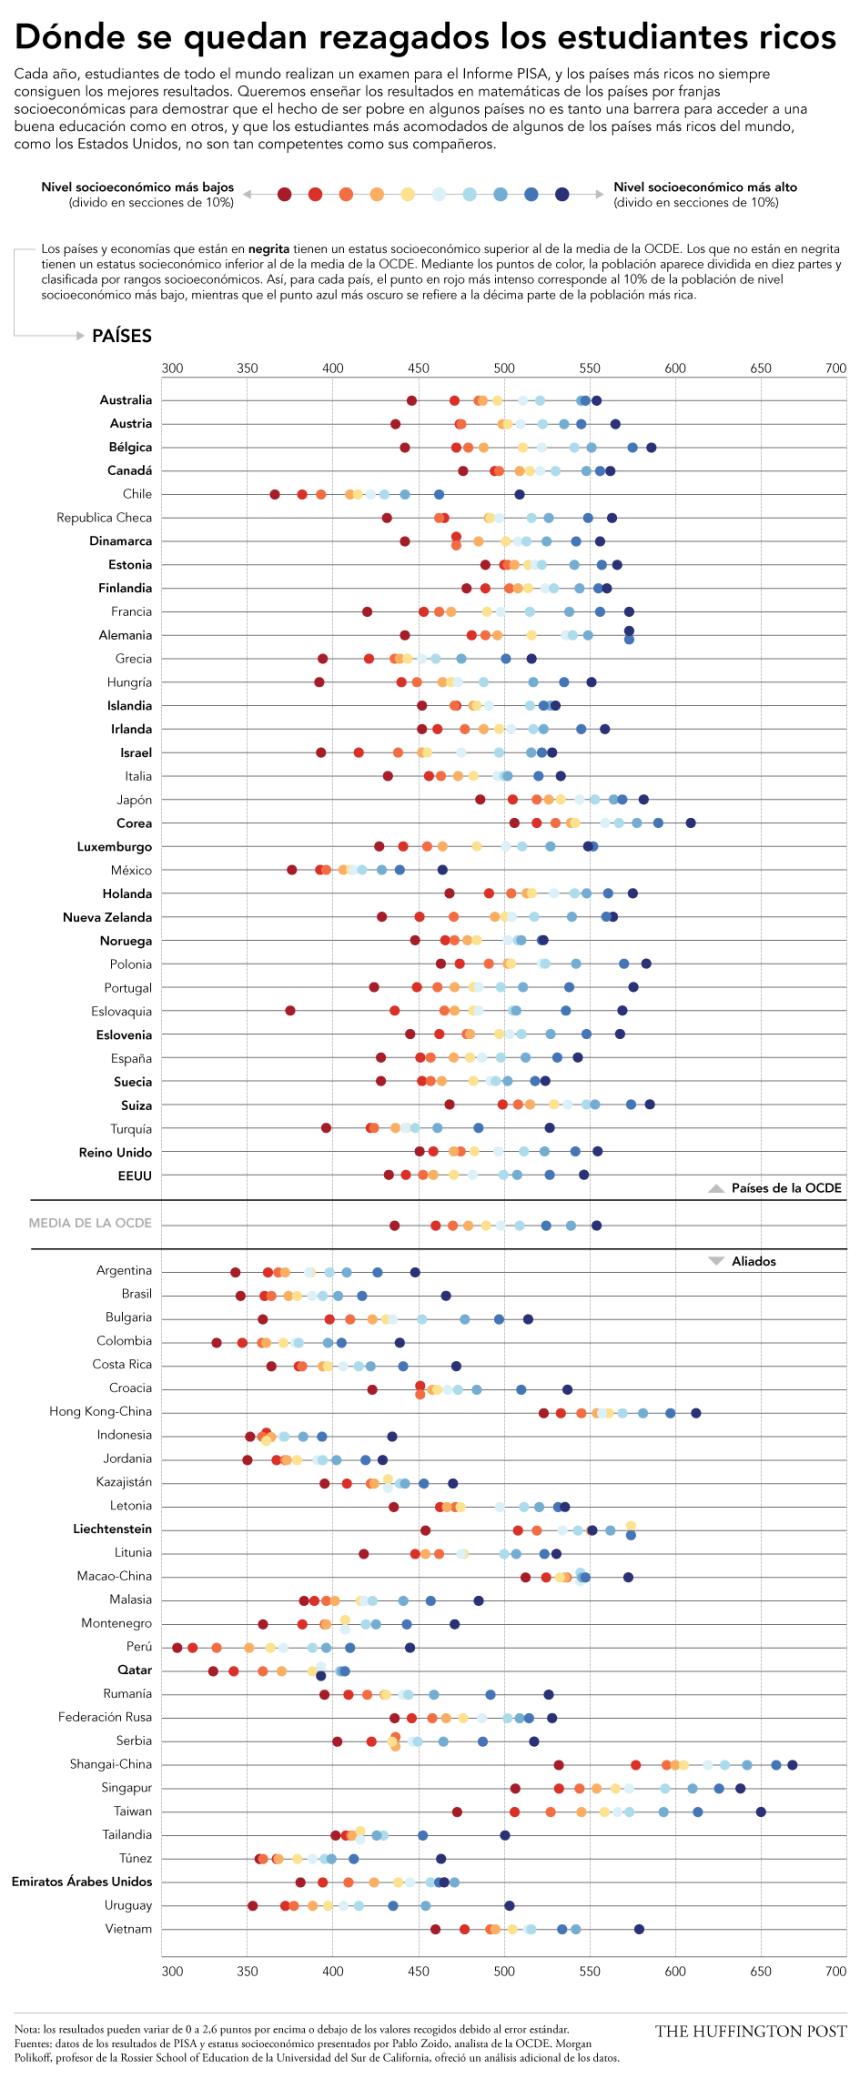 Dónde se quedan rezagados los estudiantes ricos (PISA)